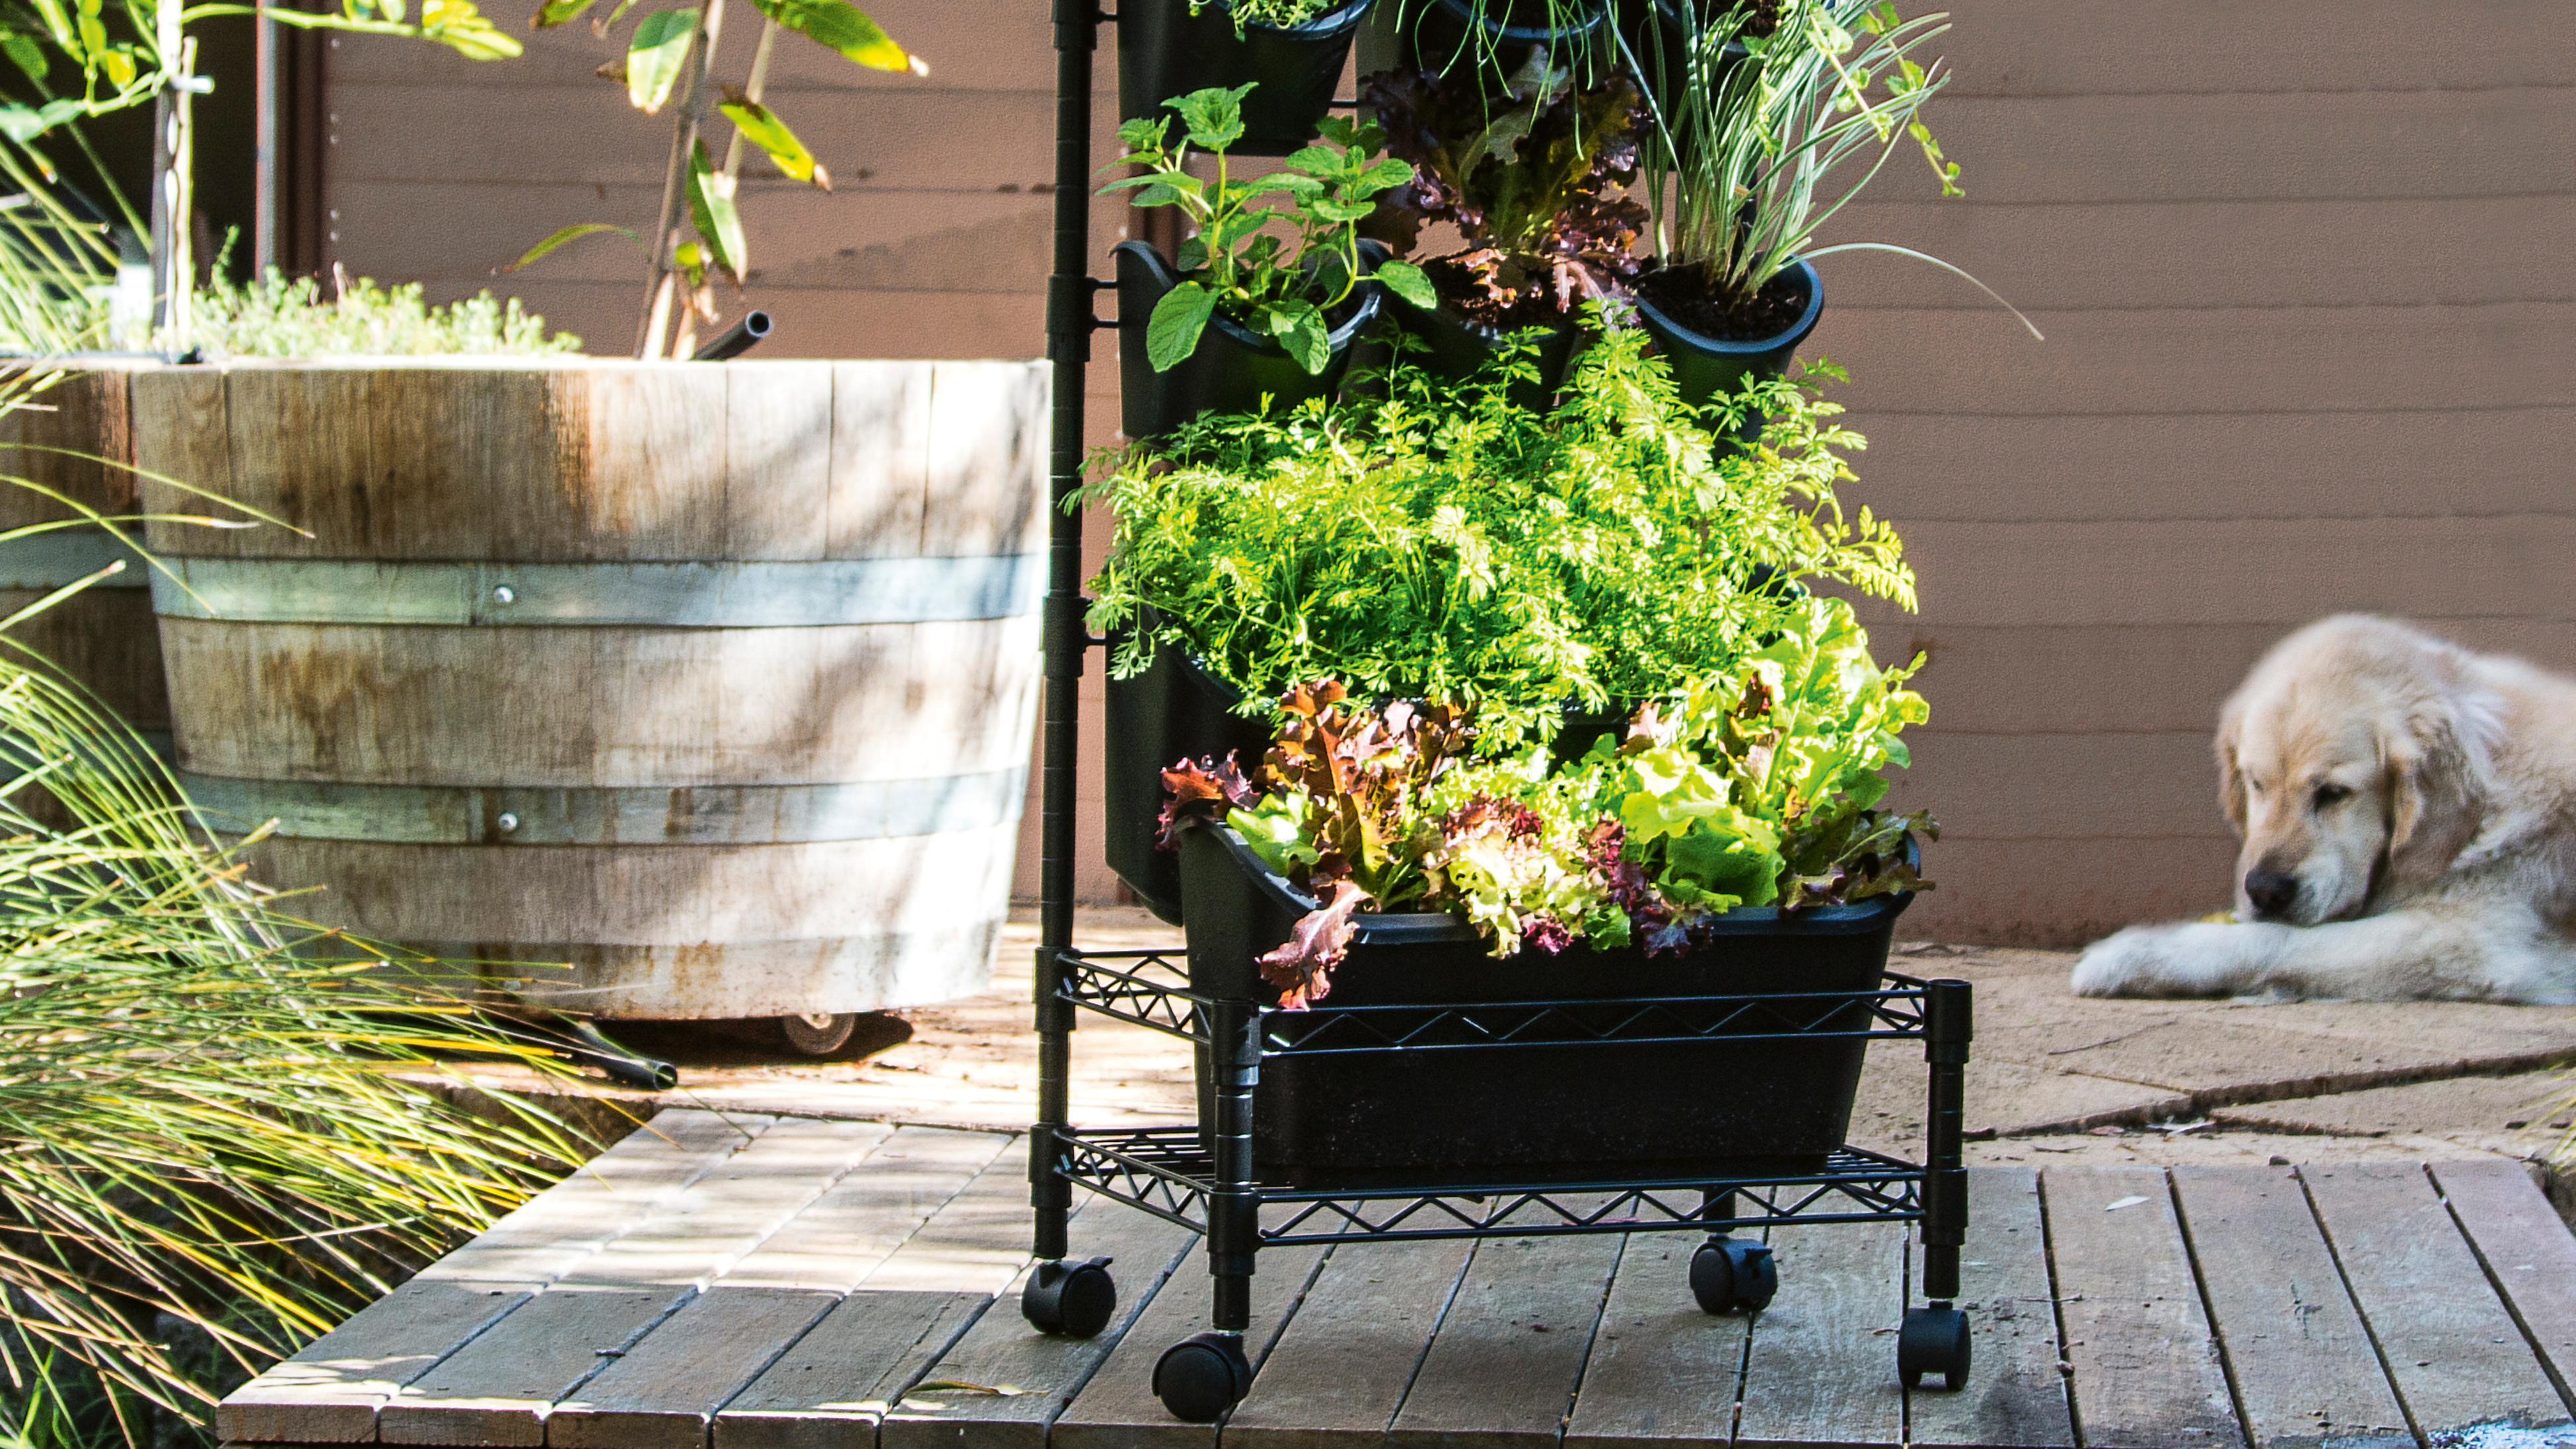 Holman 'Green Wall' mobile vertical garden